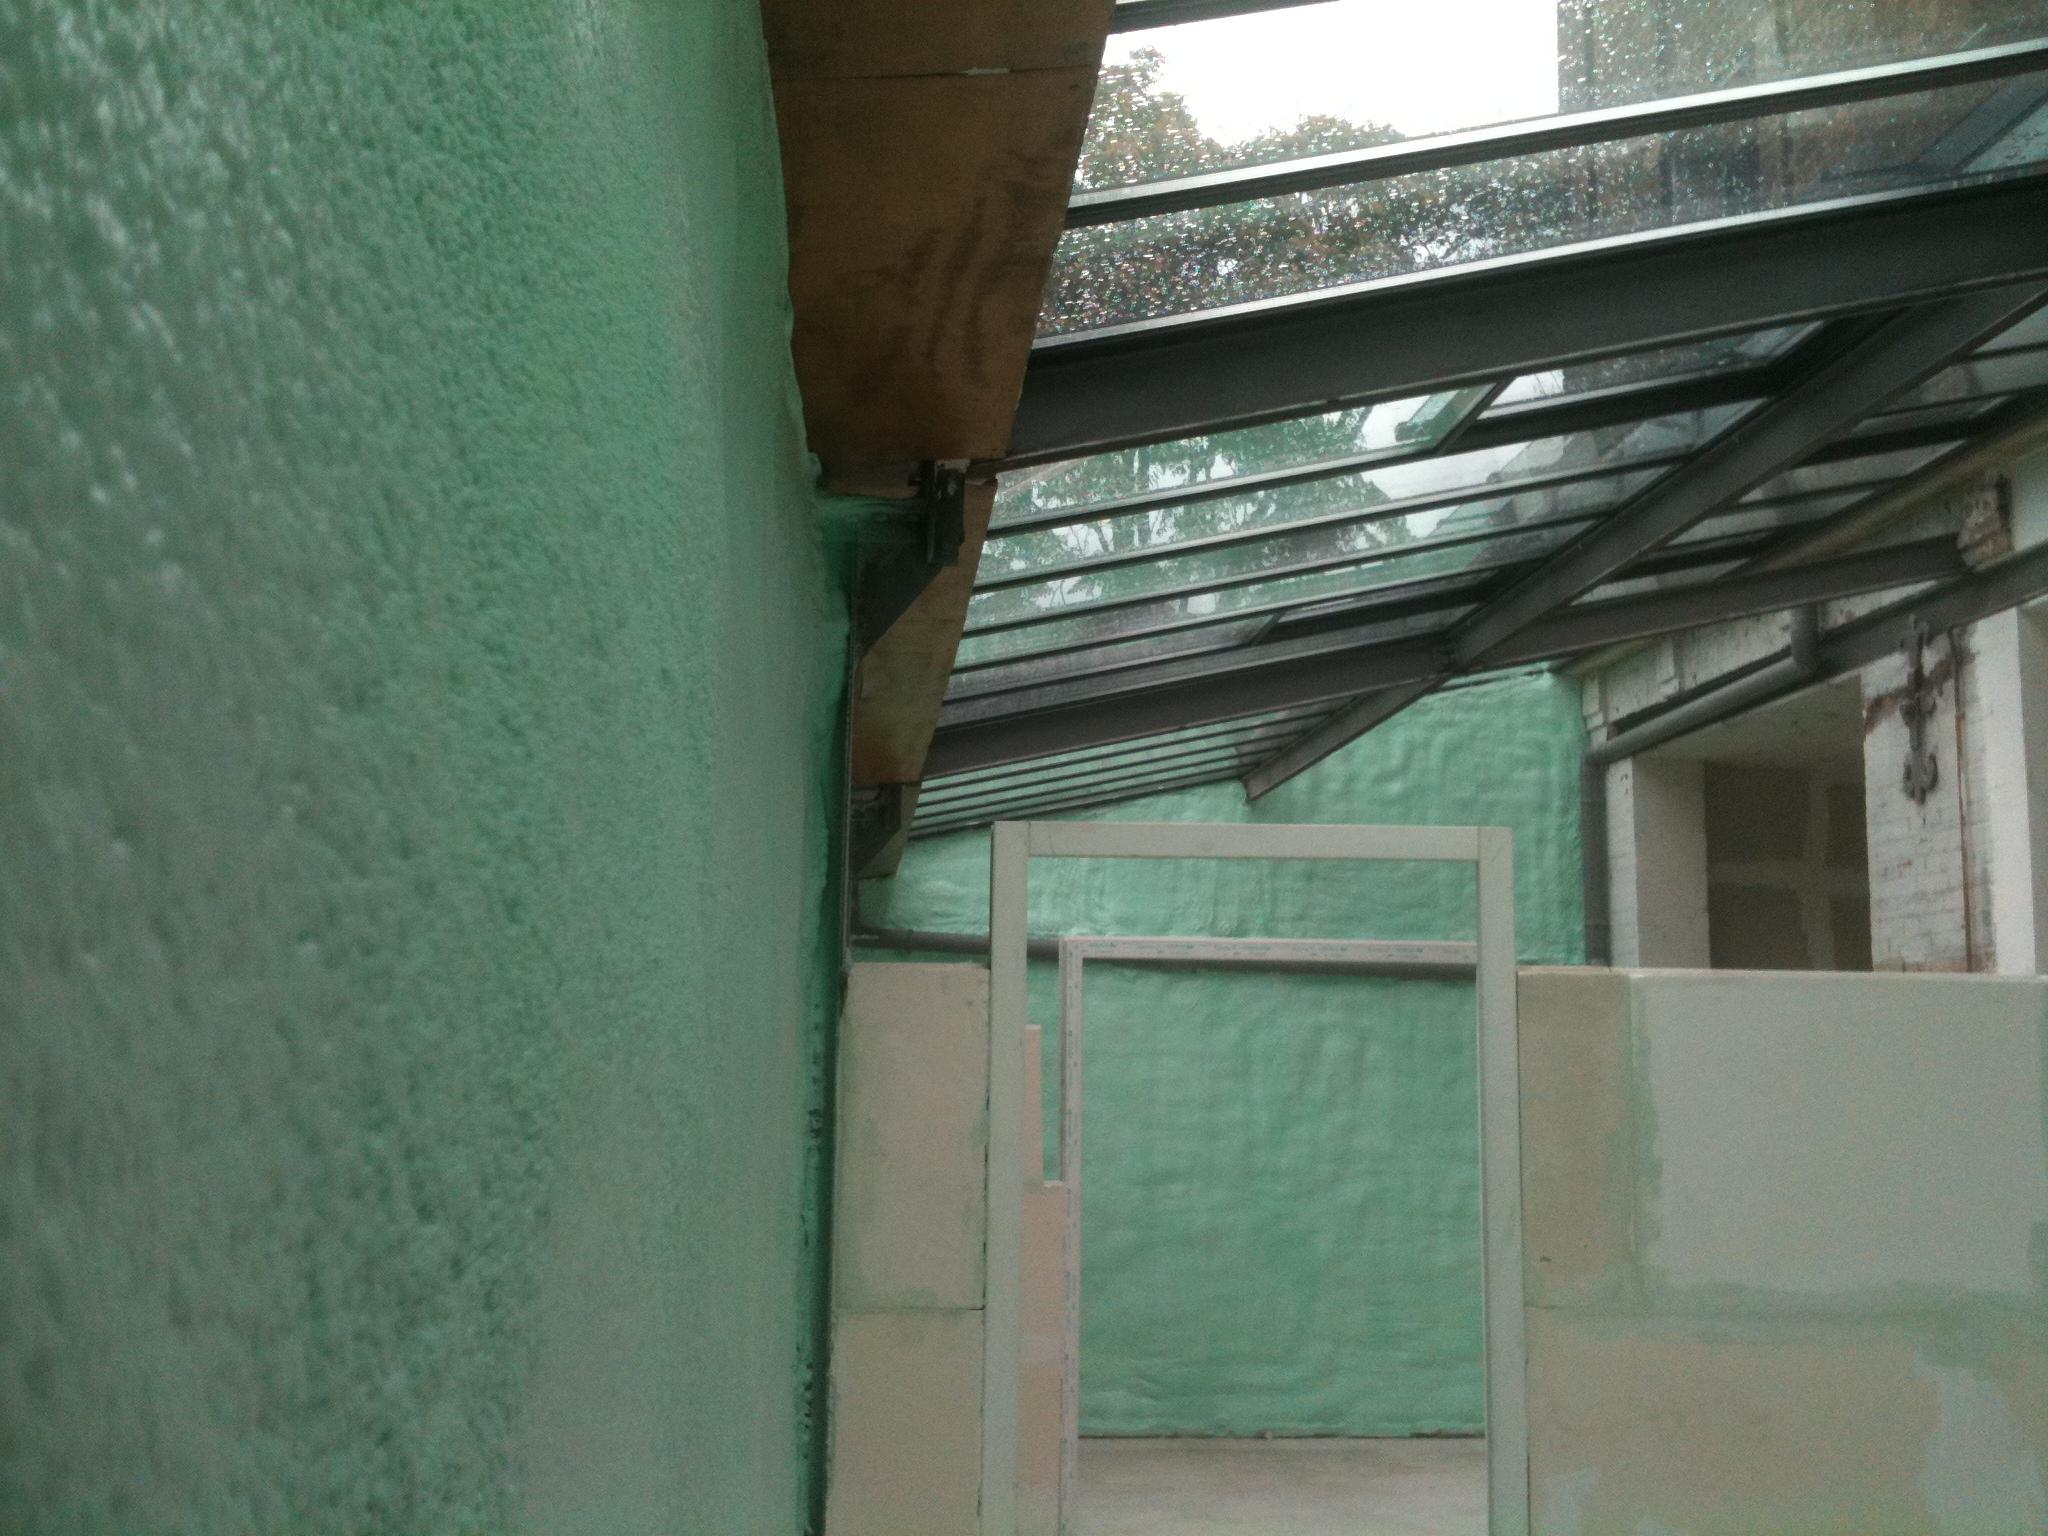 Isolation projet e isolation projet e mousse - Isolation mousse polyurethane ...